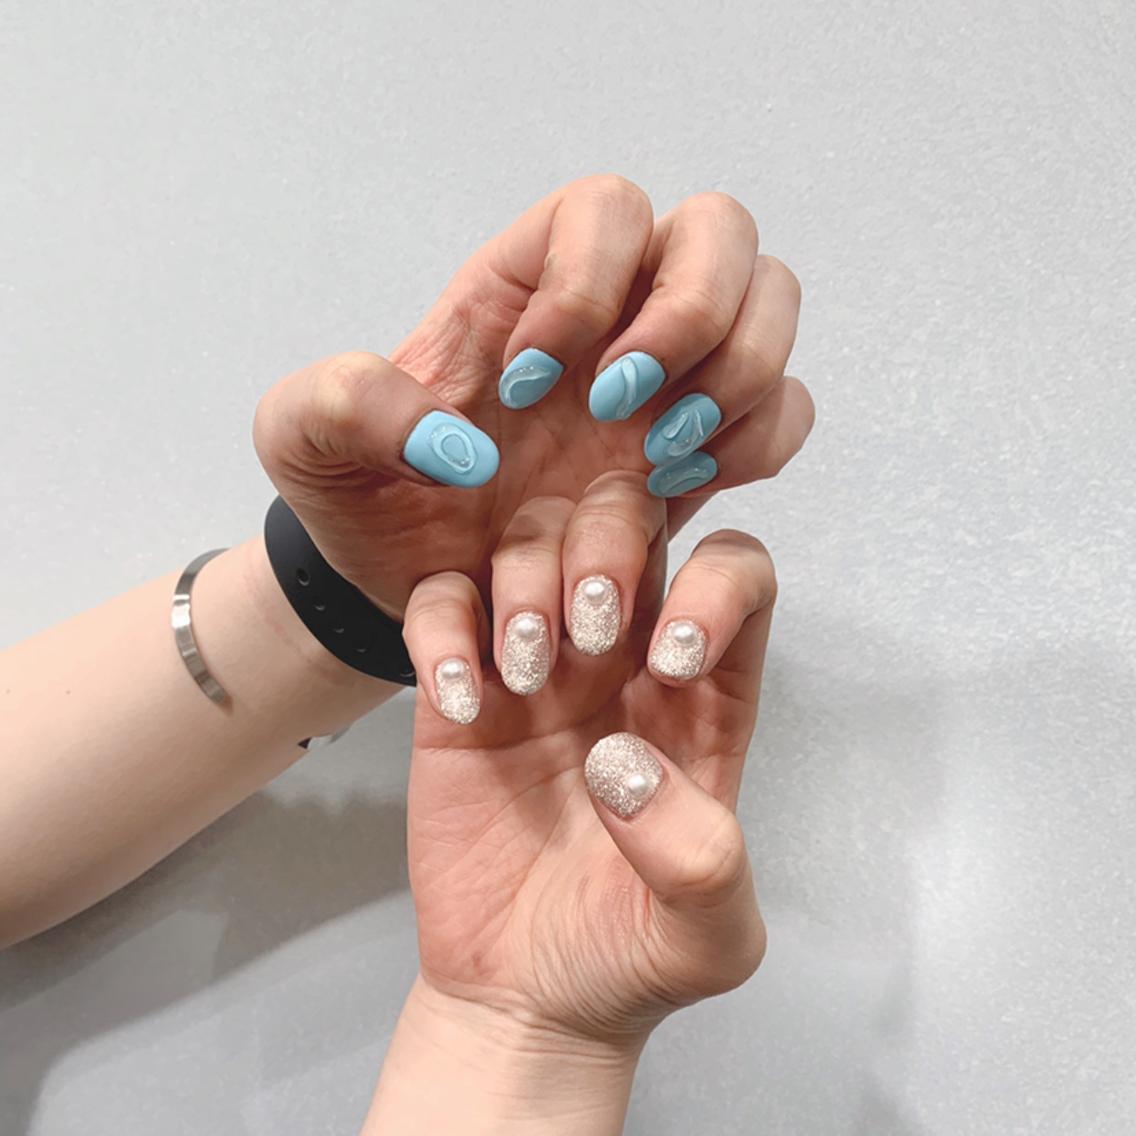 Nail Salon Coffret 瓜破店所属・岩井 颯那の掲載